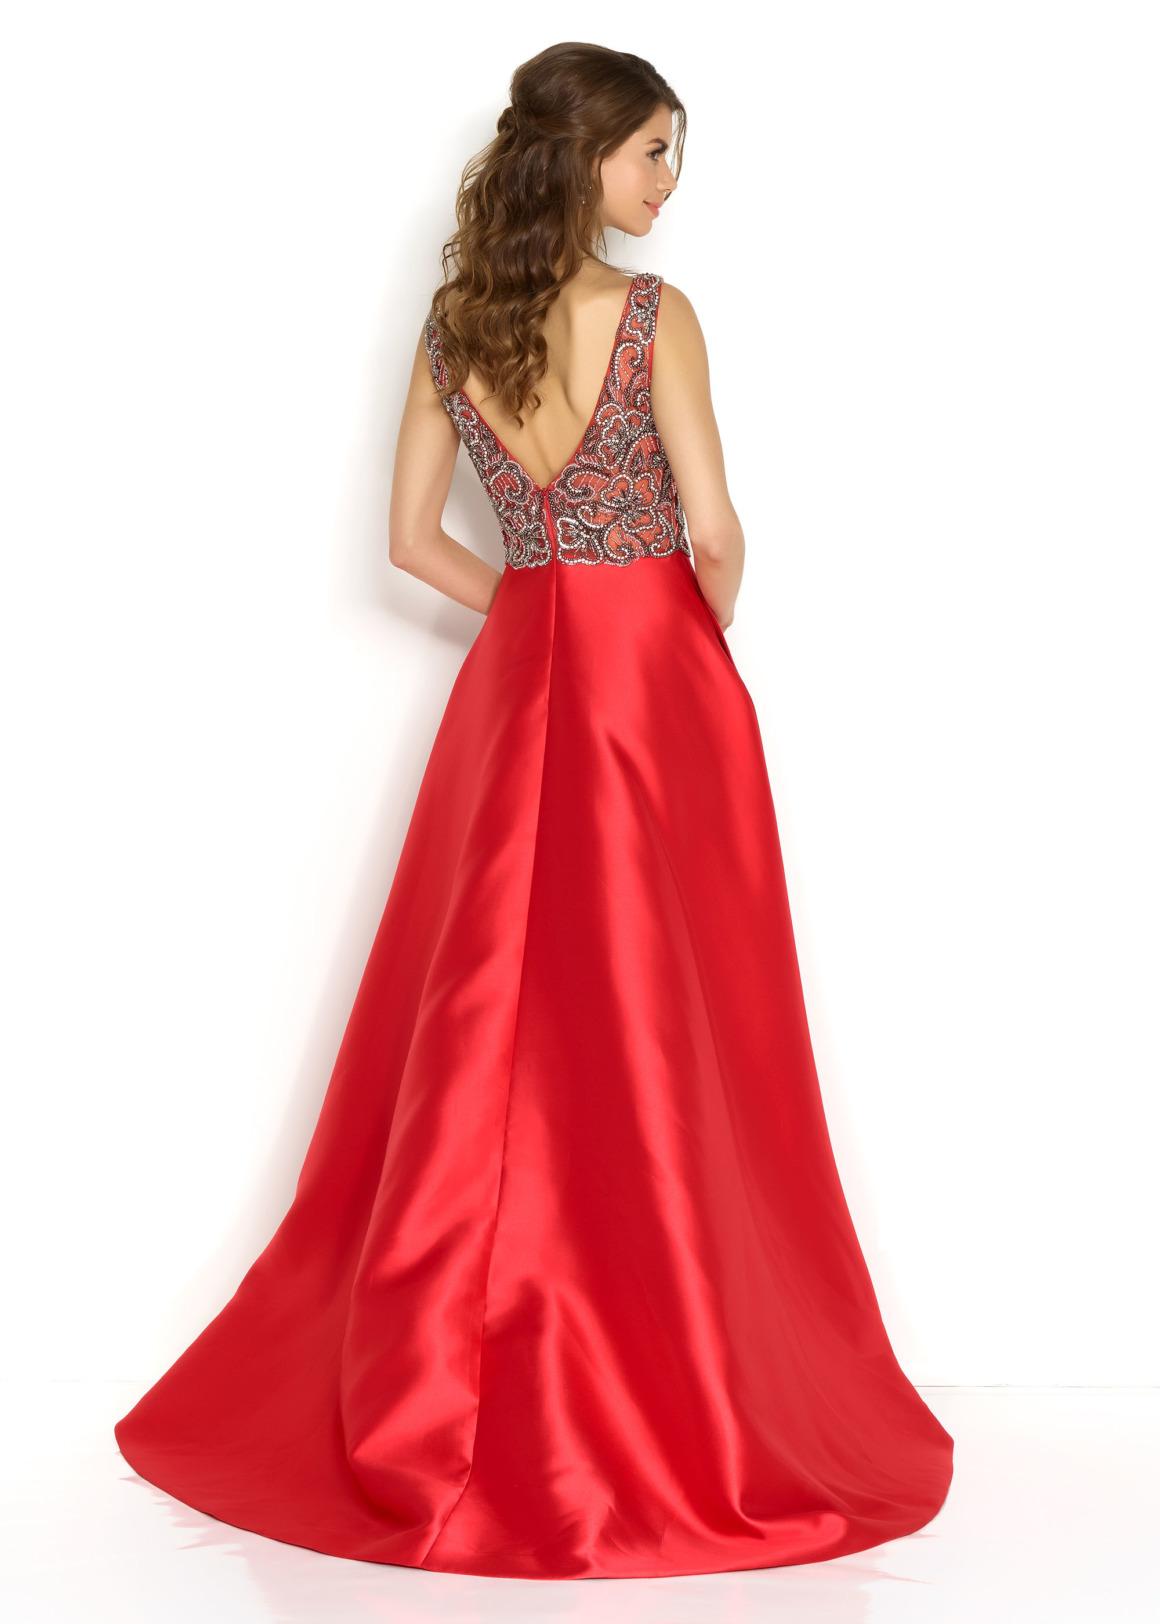 Schützenfest Königinnenkleid Hofdamen Hofstaat langes Kleid Oberteil mit Pailetten und Perlen V-Ausschnitt rot Satin Rock mit Taschen lang Rücken V-Ausschnitt